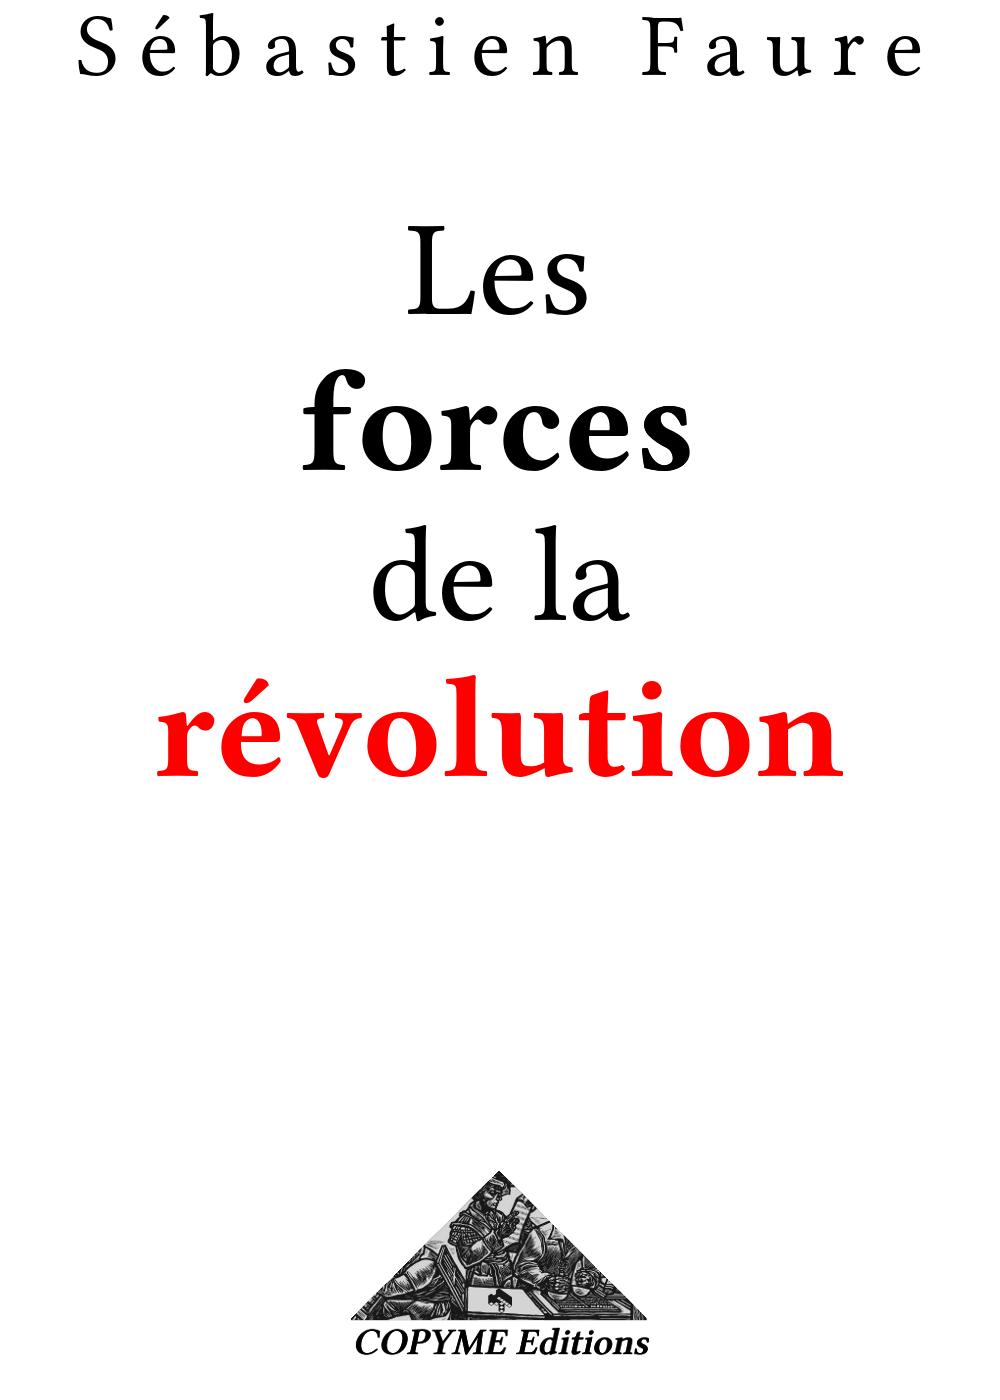 Faure - Les forces de la révolution/book/OEBPS/CoverDesign.png